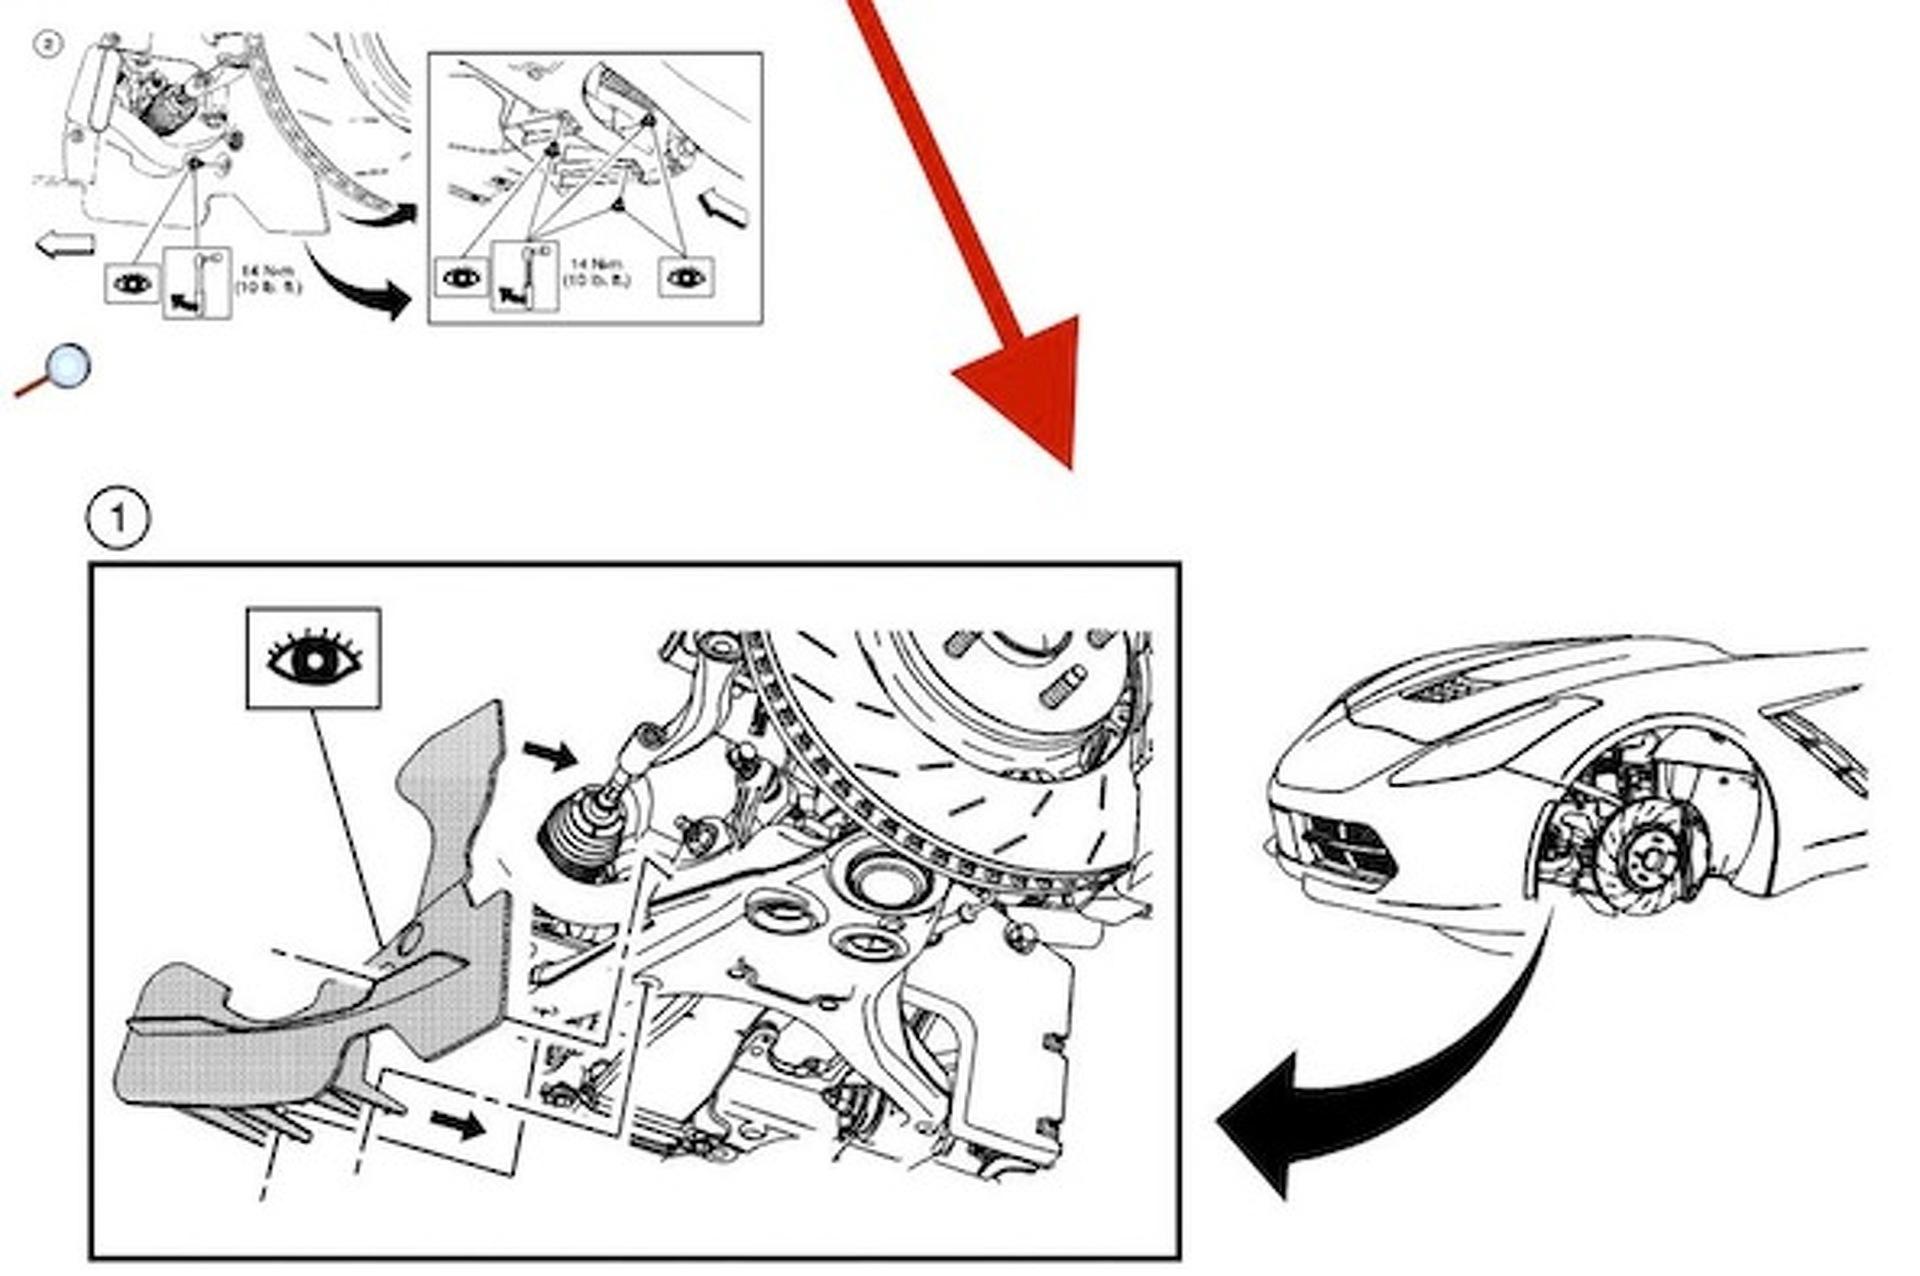 2014 Corvette: Front End, Brake Illustration Leaked by Chevrolet